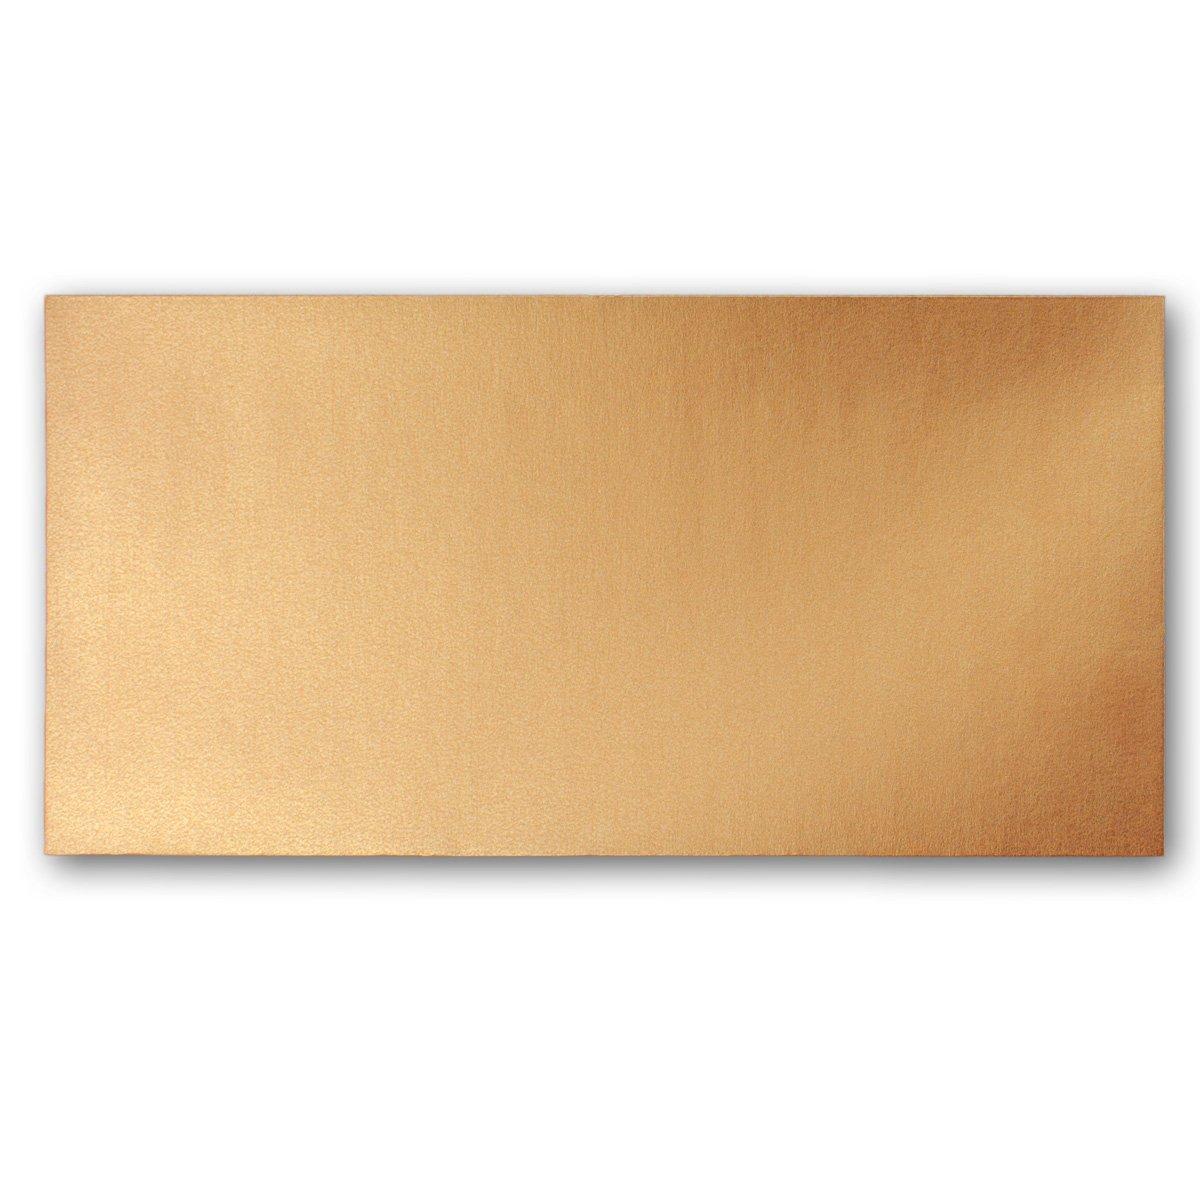 Ideal f/ür Einladungs-Karten Serie FarbenFroh/® 150 Brief-Umschl/äge Kupfer Metallic DIN Lang 110 x 220 mm - Nassklebung ohne Fenster 11 x 22 cm